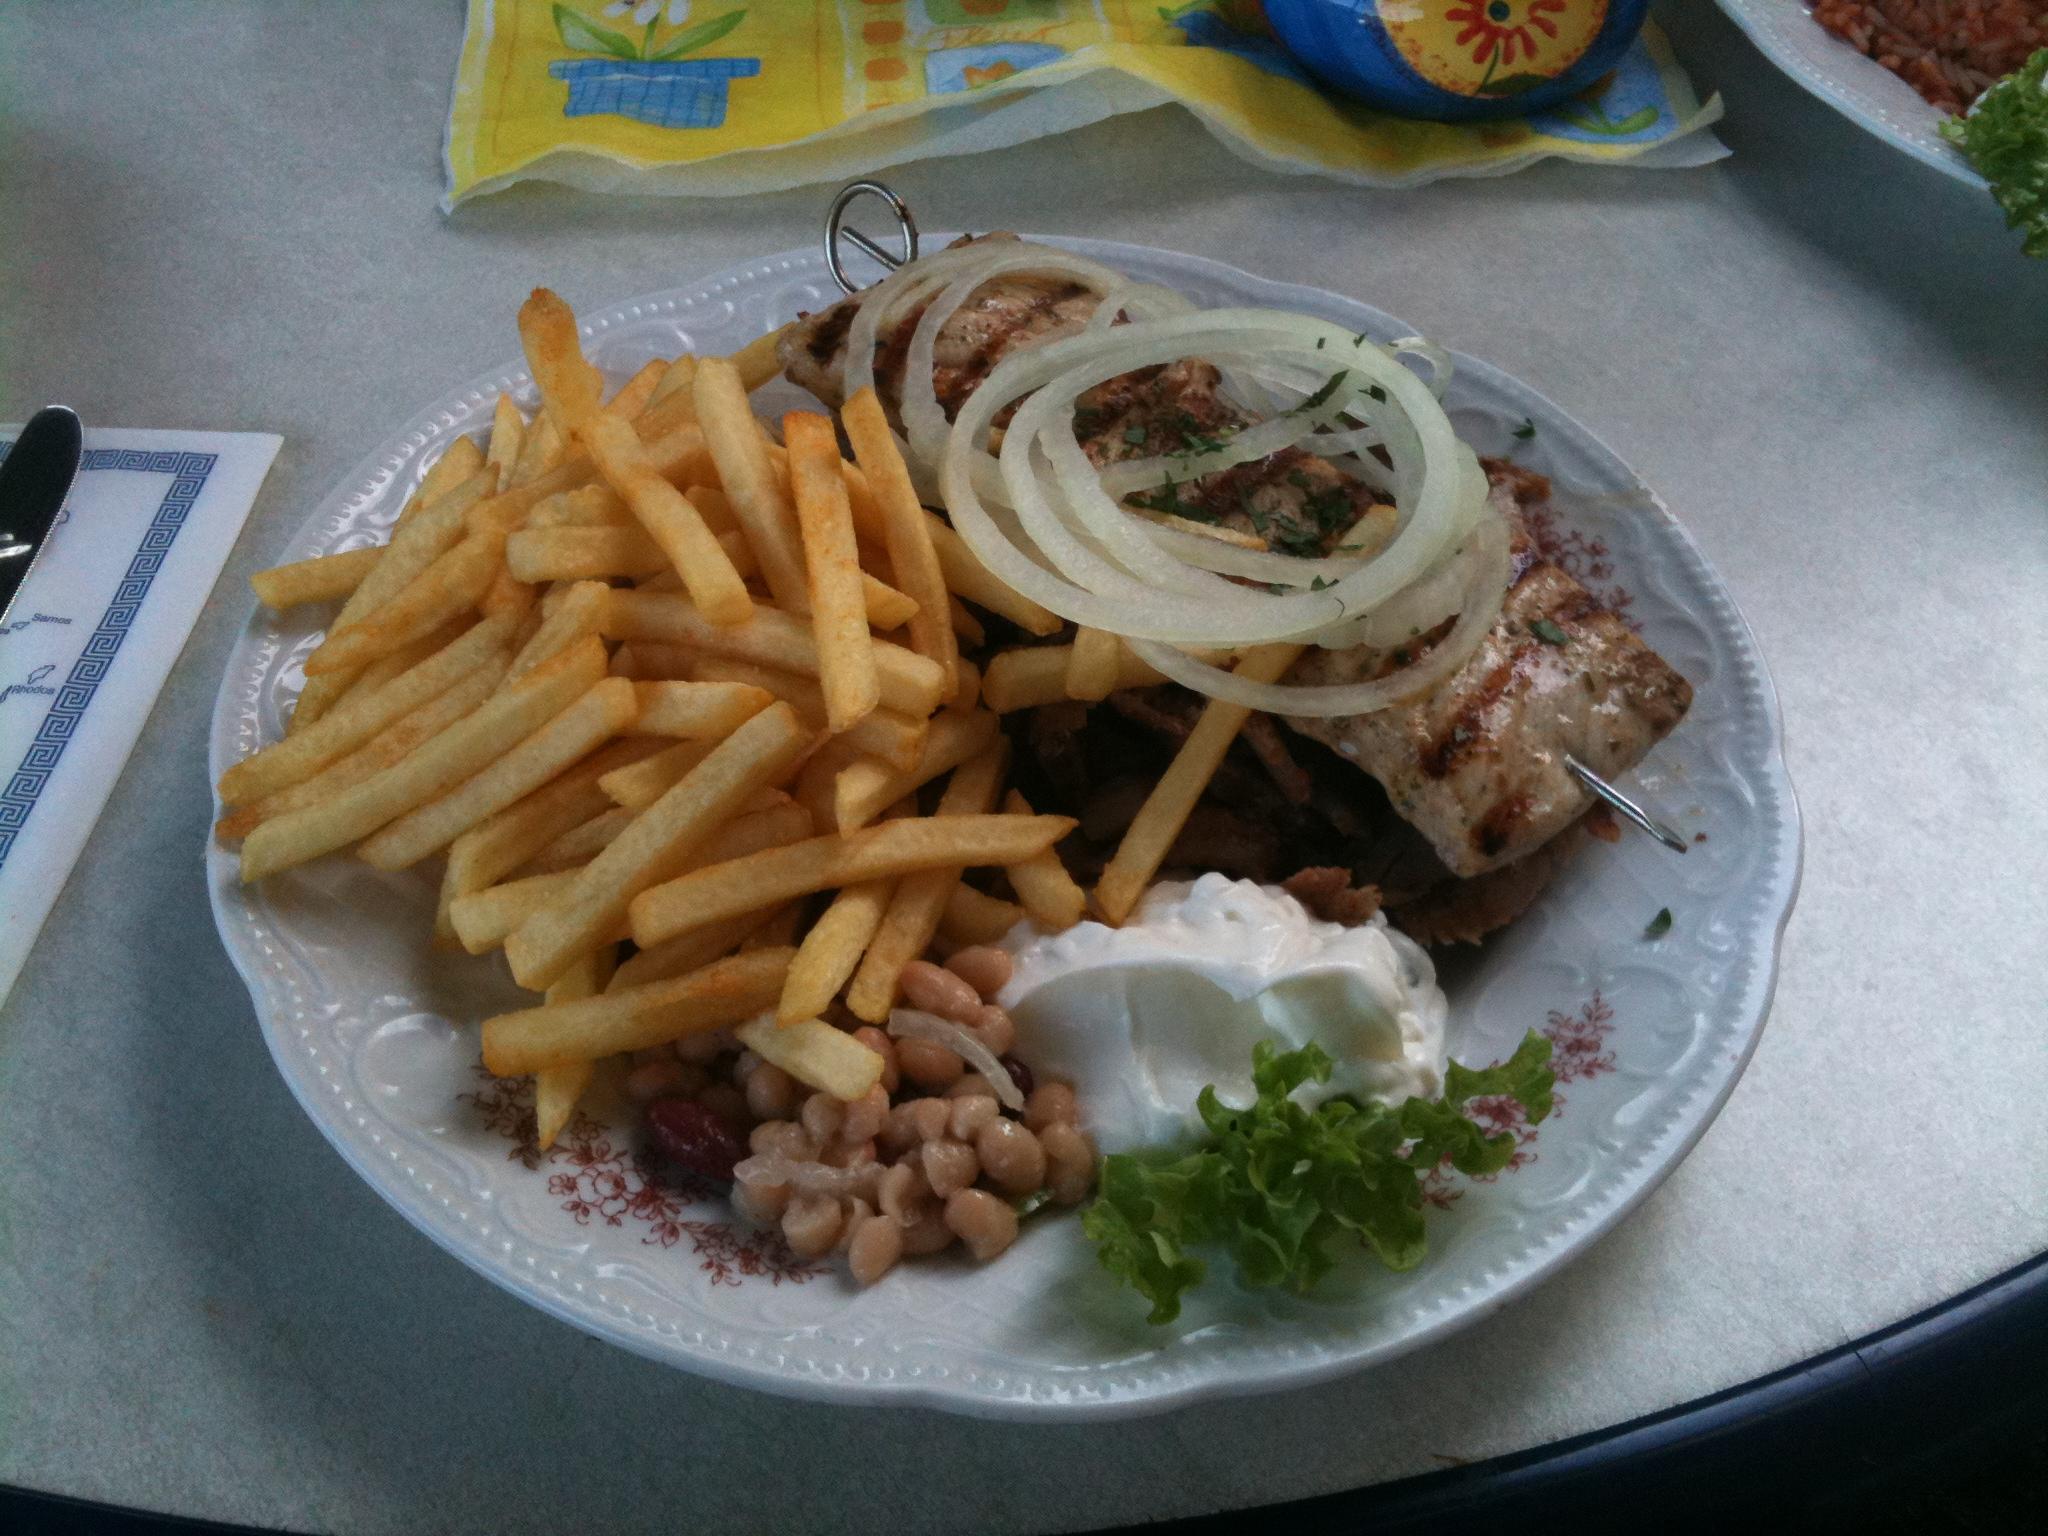 http://foodloader.net/aSh__2010-09-03_Gyros-Teller.jpg